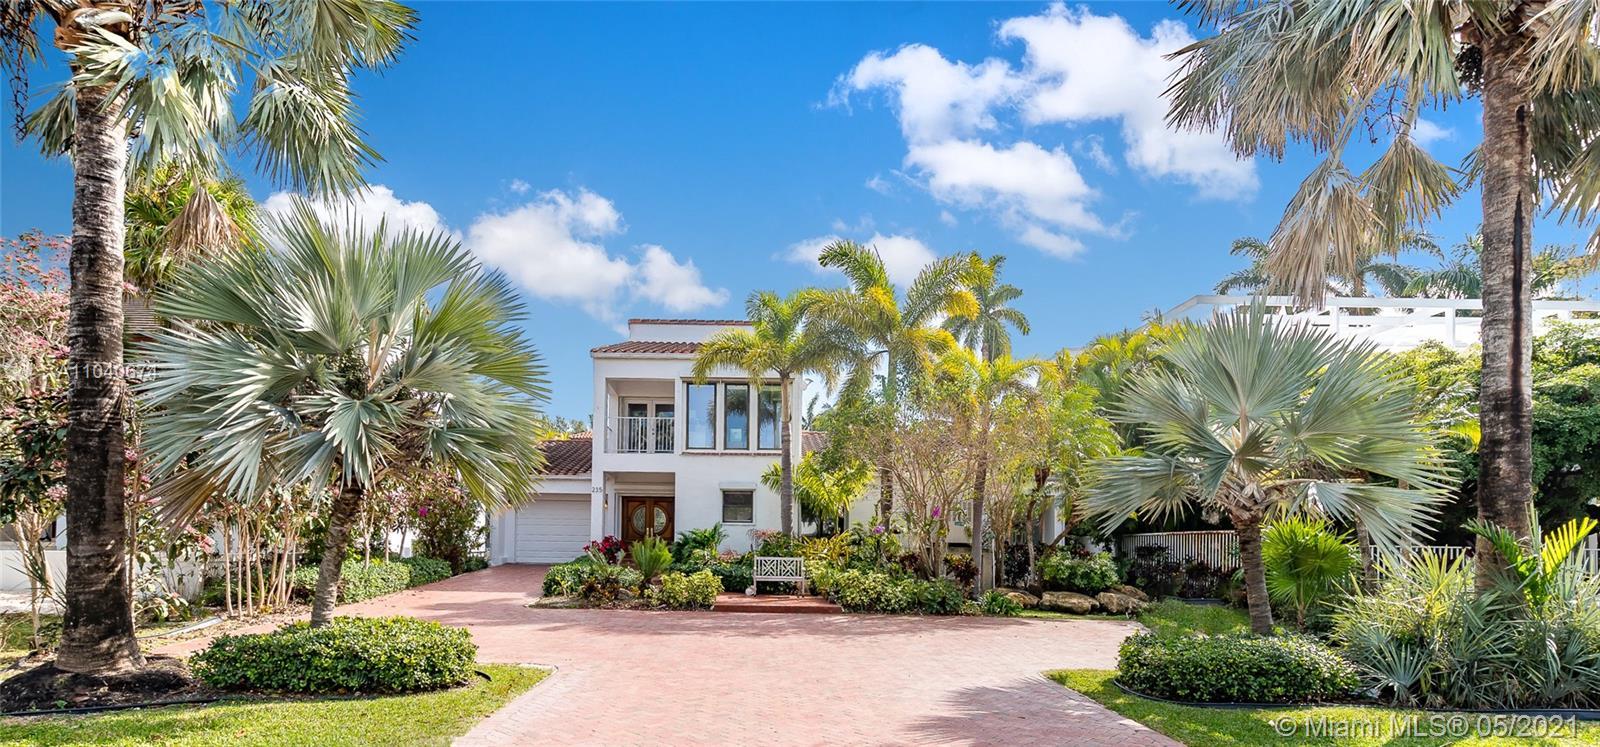 Tropical Isle Homes - 235 Harbor Drive, Key Biscayne, FL 33149